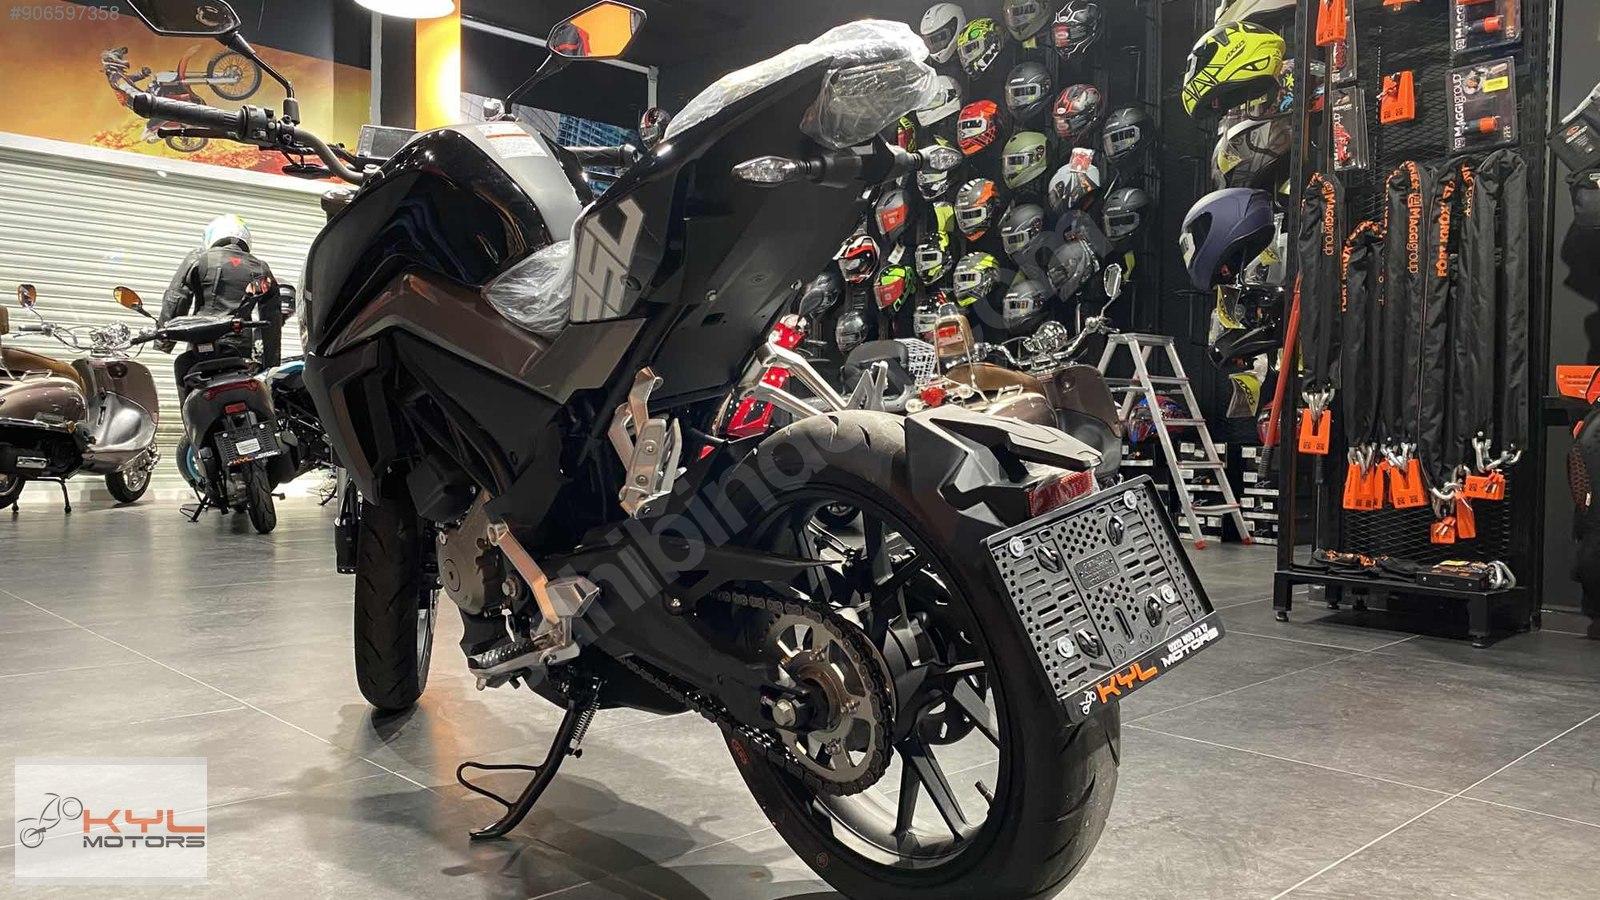 CF Moto prepara-se para lançar uma naked V-twin de 1000 cc